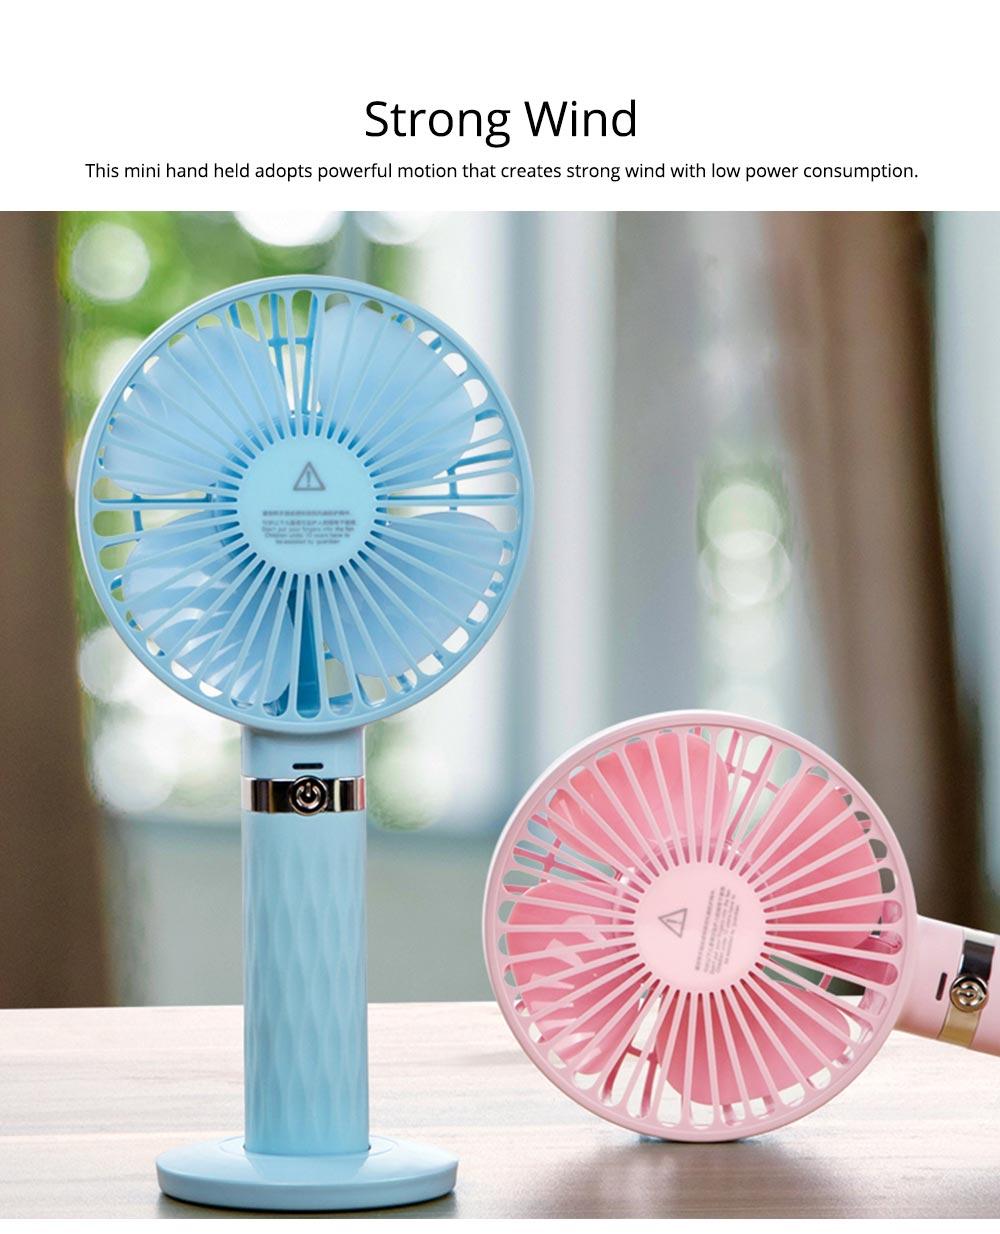 Rechargeable Portable Fan, Personal Handheld Fan for Office, Home, Travel, Small USB Desk Fan  2